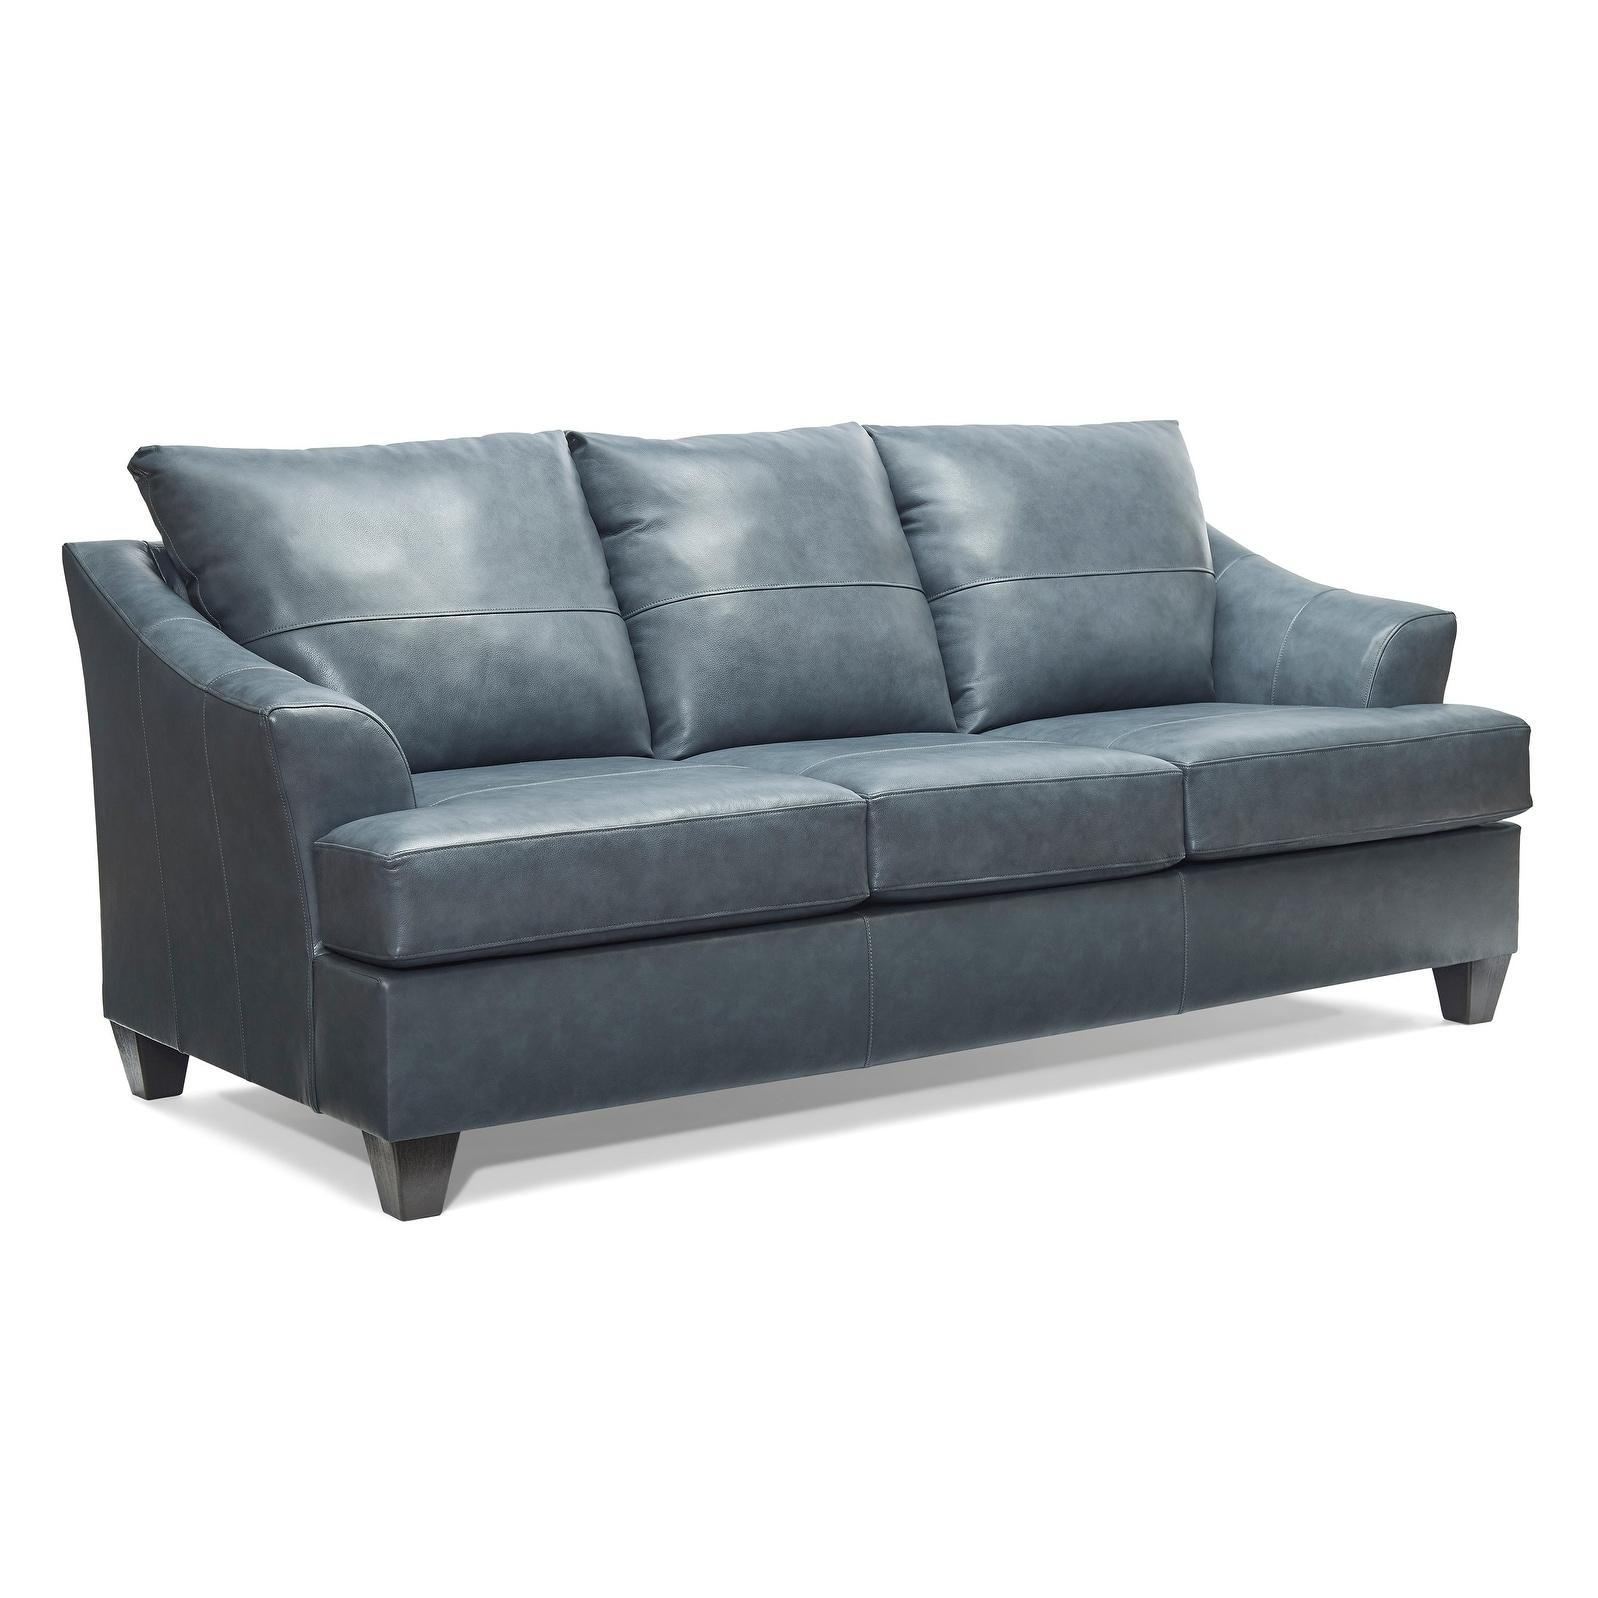 Top Grain Leather Queen Sofa Sleeper